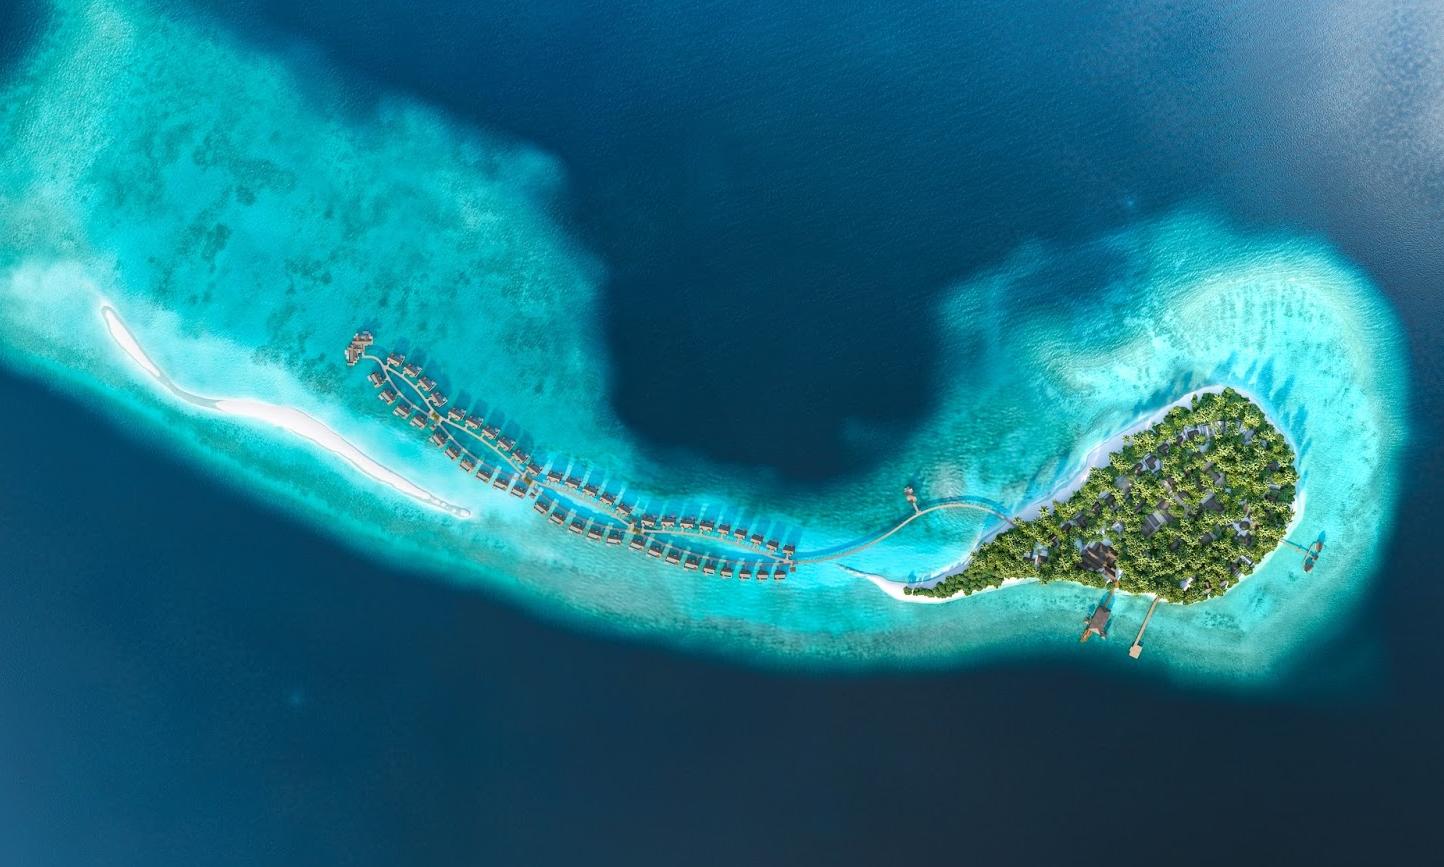 娇丽岛 Joali Maldives 鸟瞰地图birdview map清晰版 马尔代夫